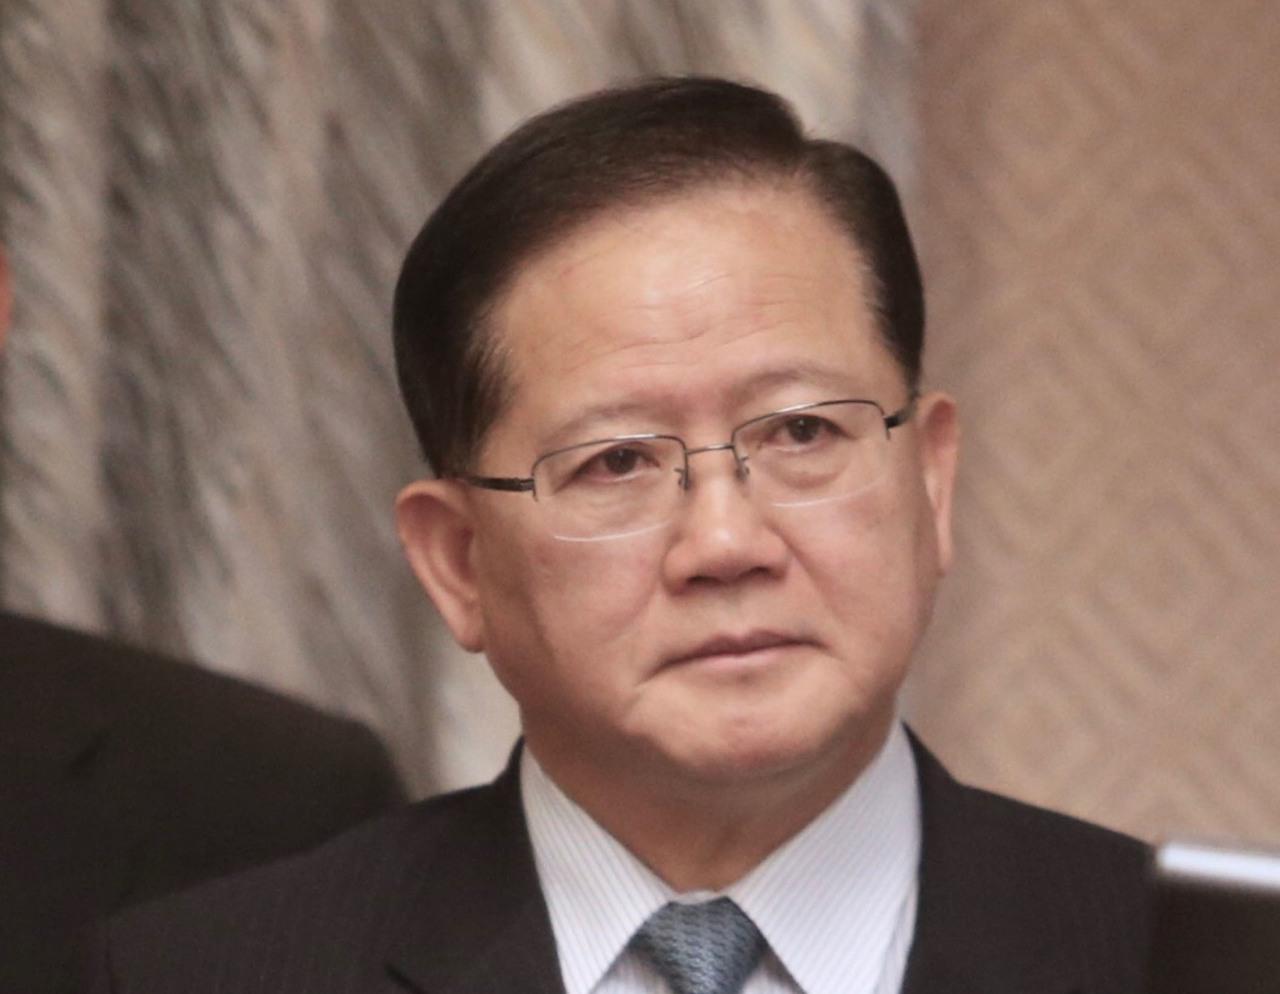 內政部警政署長陳國恩(圖)已調任國安局副局長,原任此位之王德麟遭降級為特派員。 ...